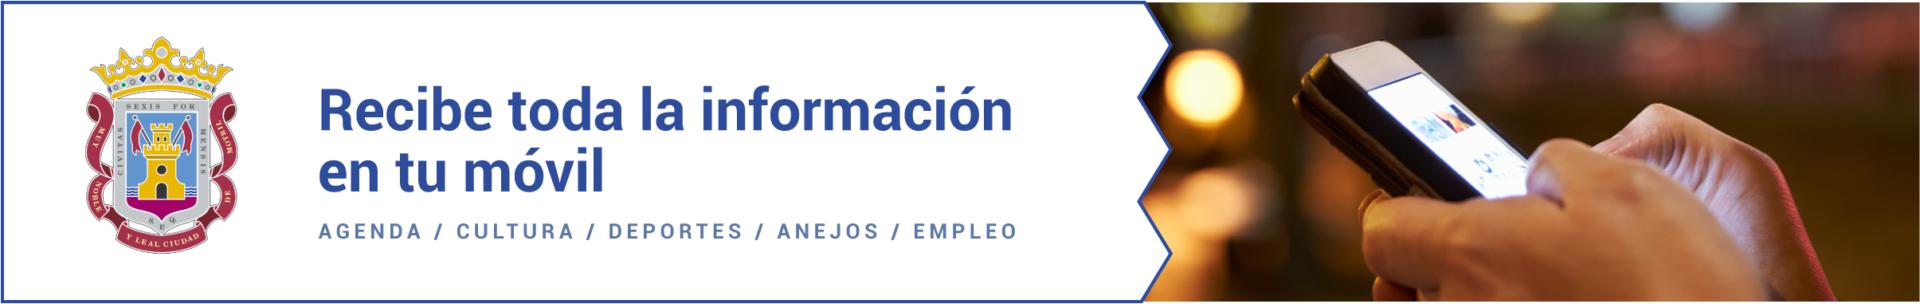 Banner Ayuntamiento de Motril